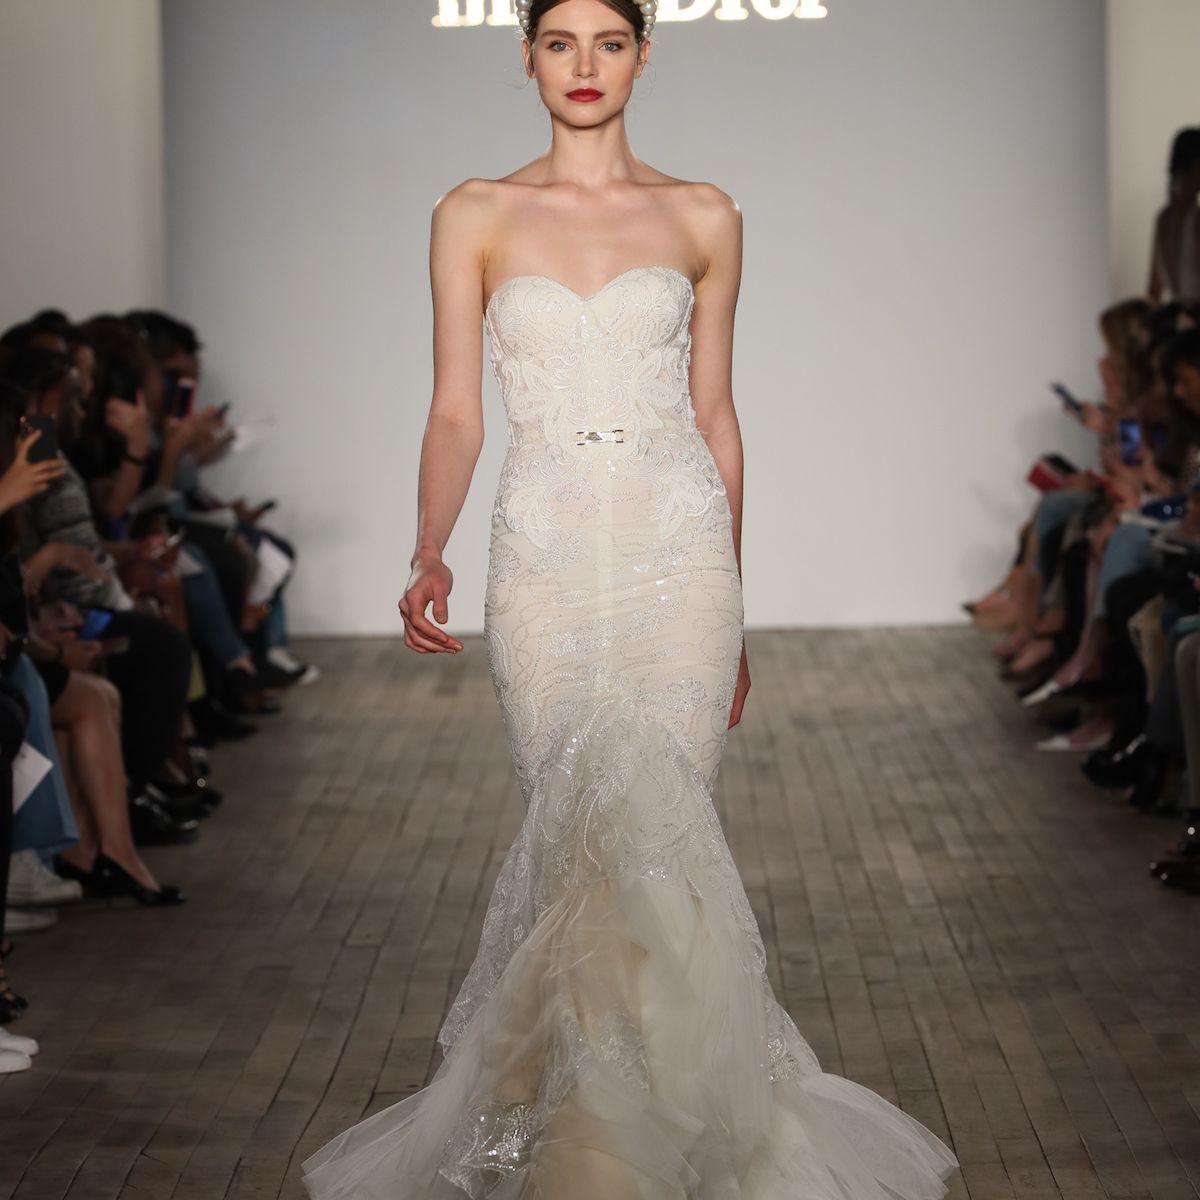 Model in crochet lace Inbal Dror VIP wedding dress